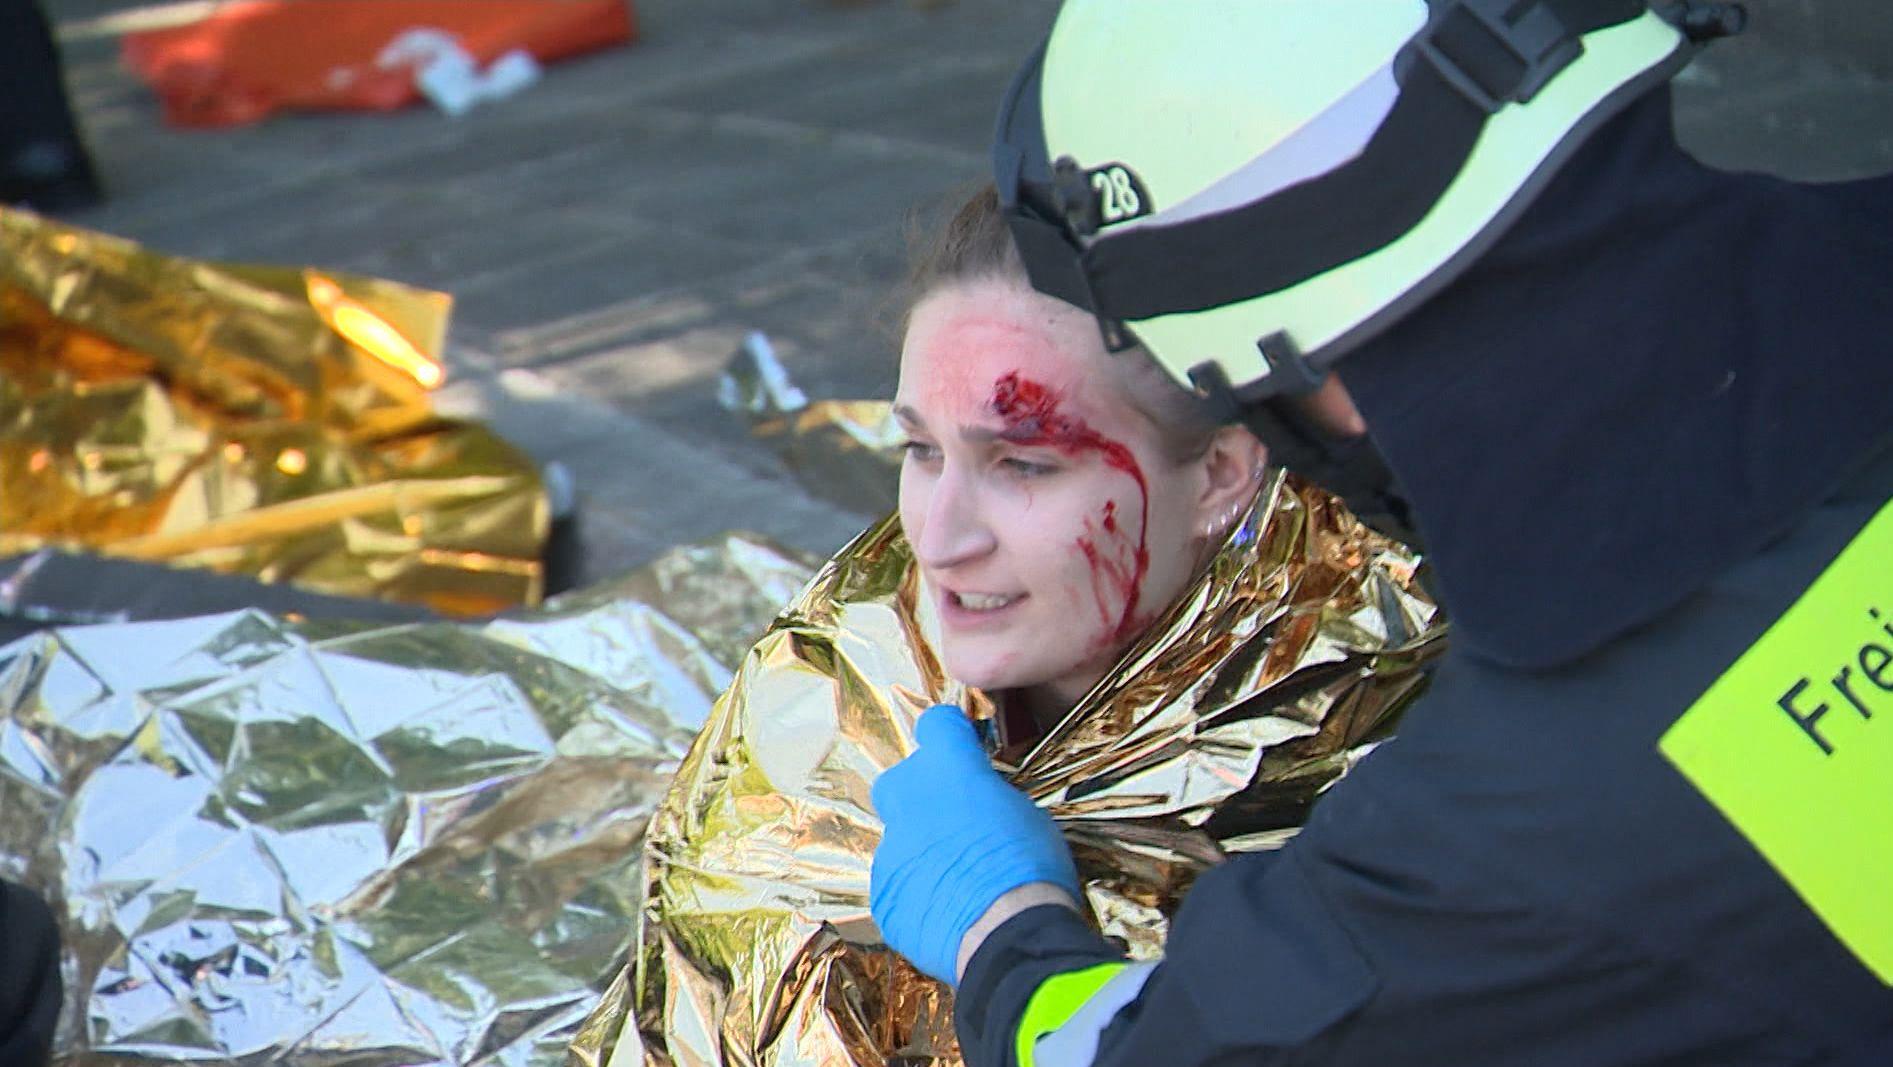 Katastrophenschutzübung in Nürnberg